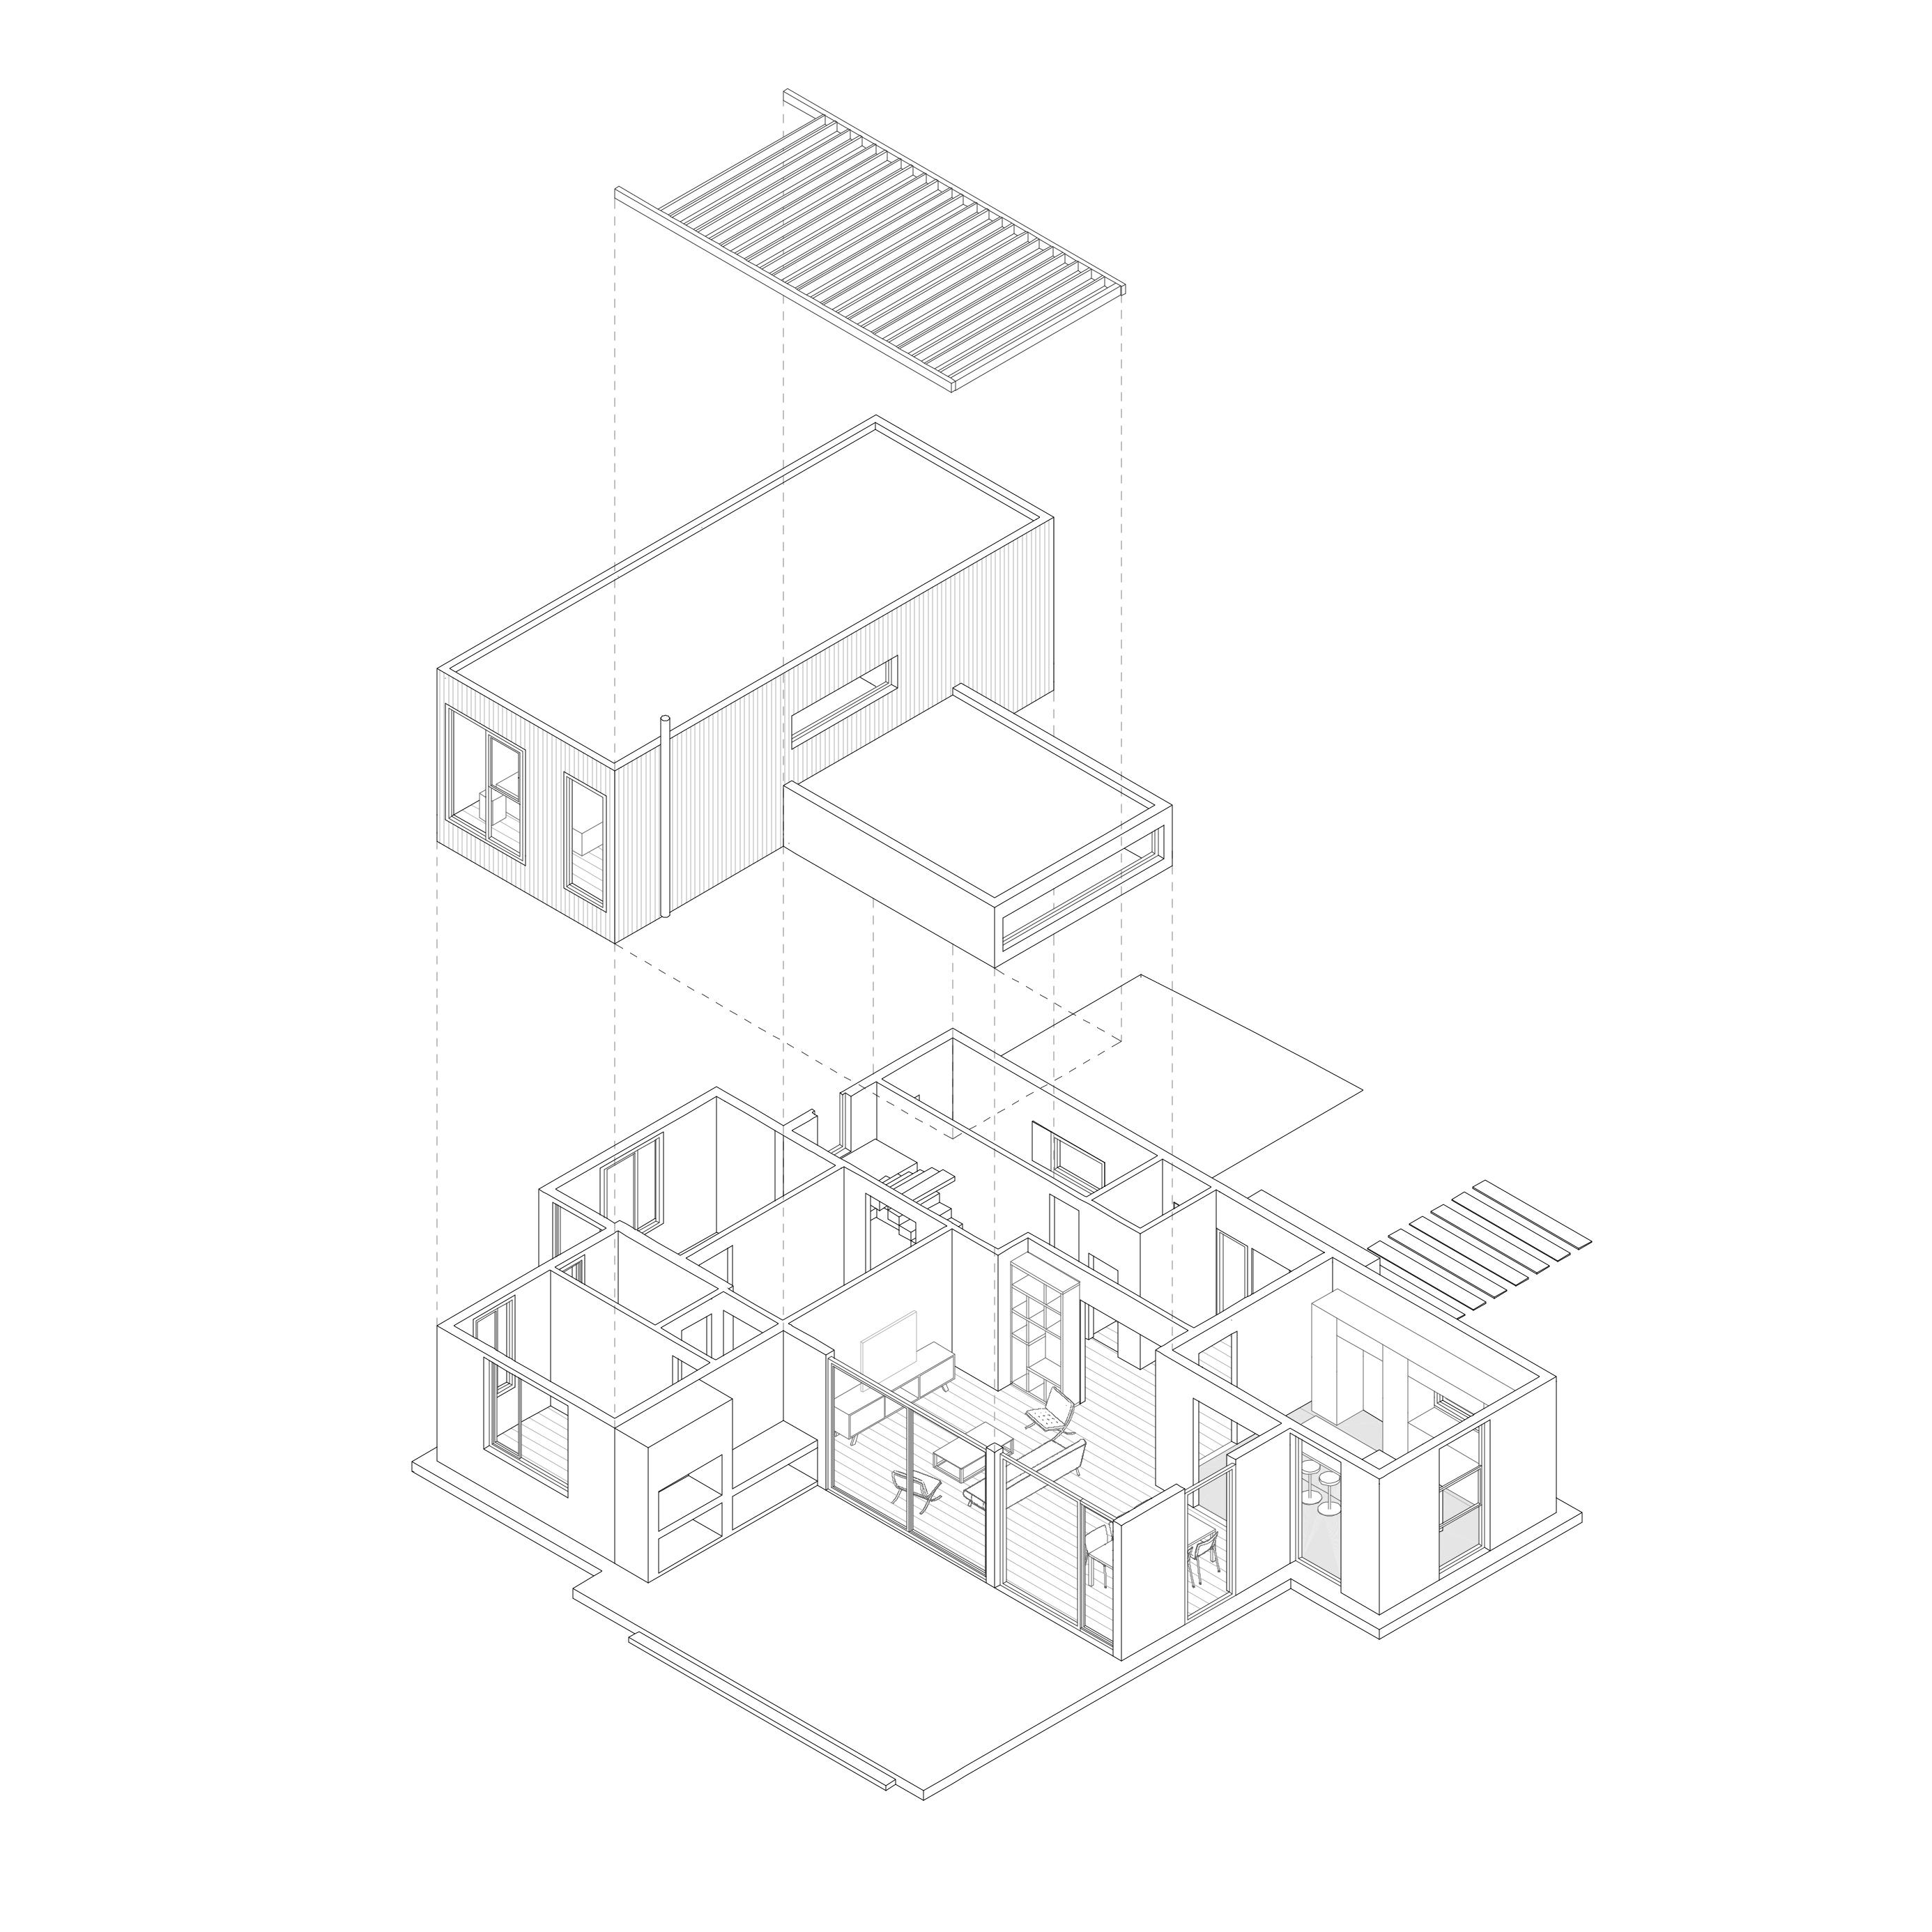 10_31_axo con techo